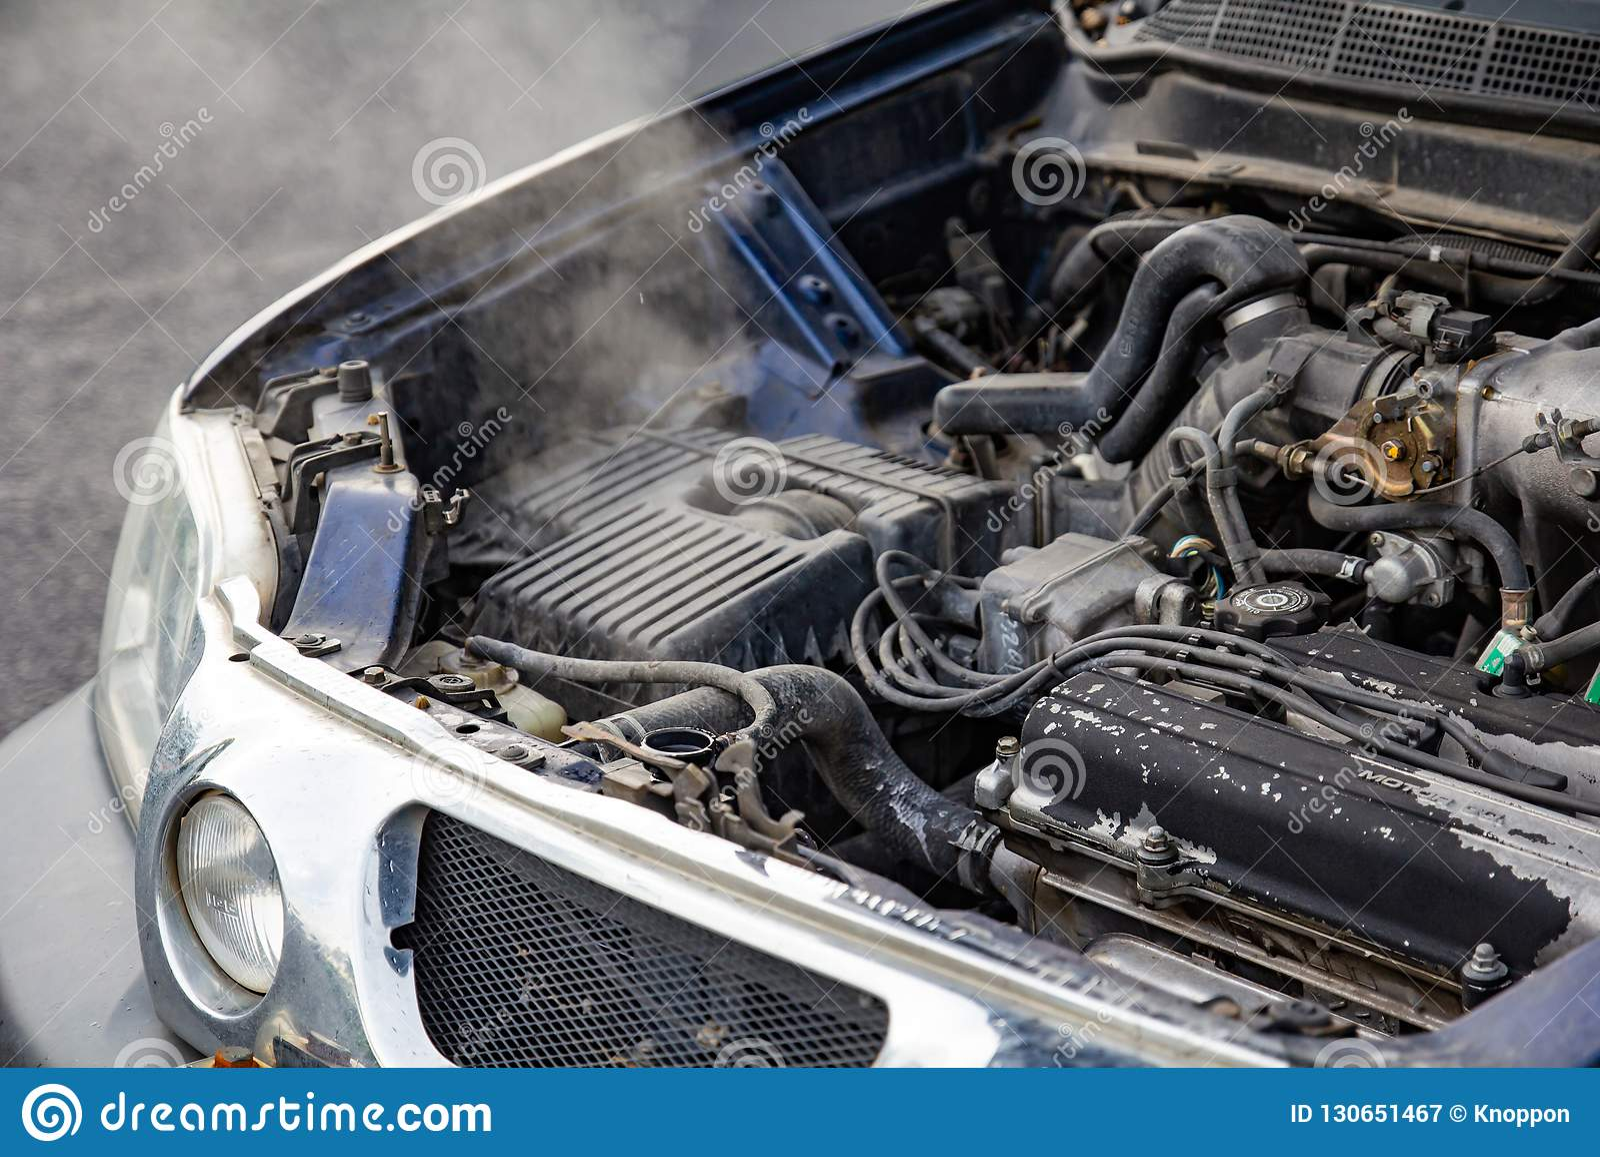 Bilmotor över värme med inget vatten i element och kylasyste